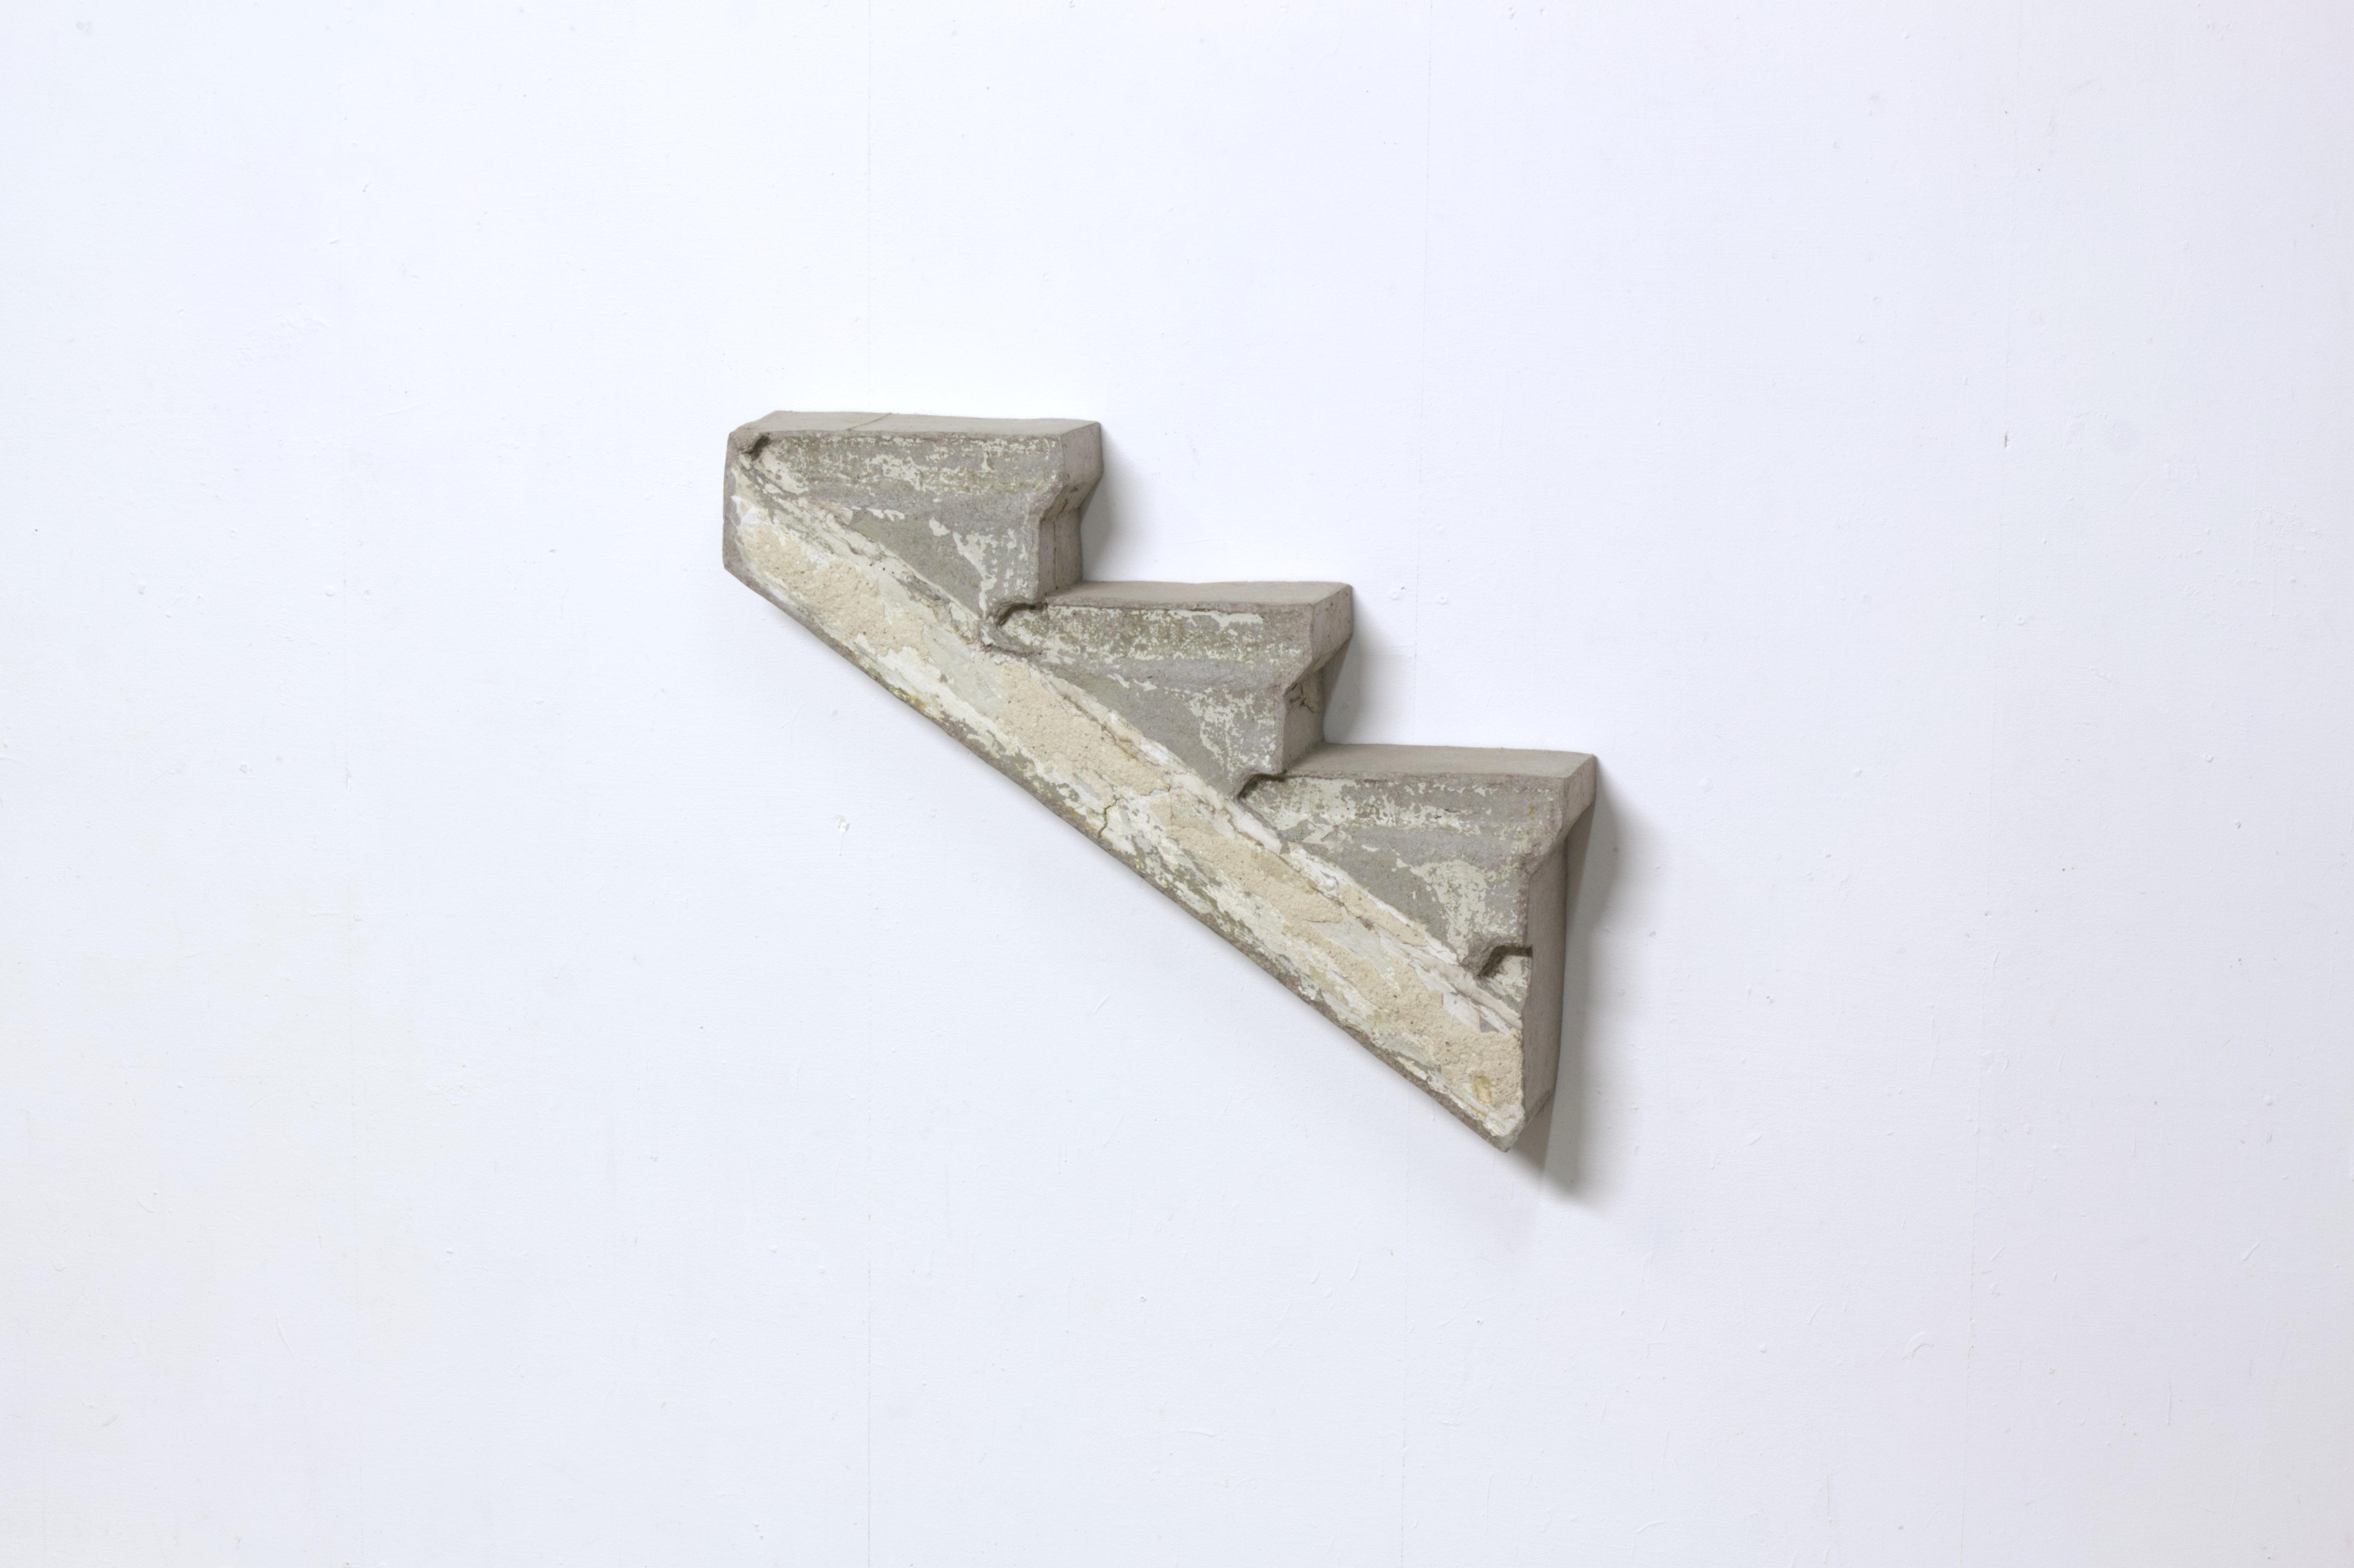 1_treppe-_-2020-_-Papermachewallimprints-100cm-50cm-25cm_IMG_9311